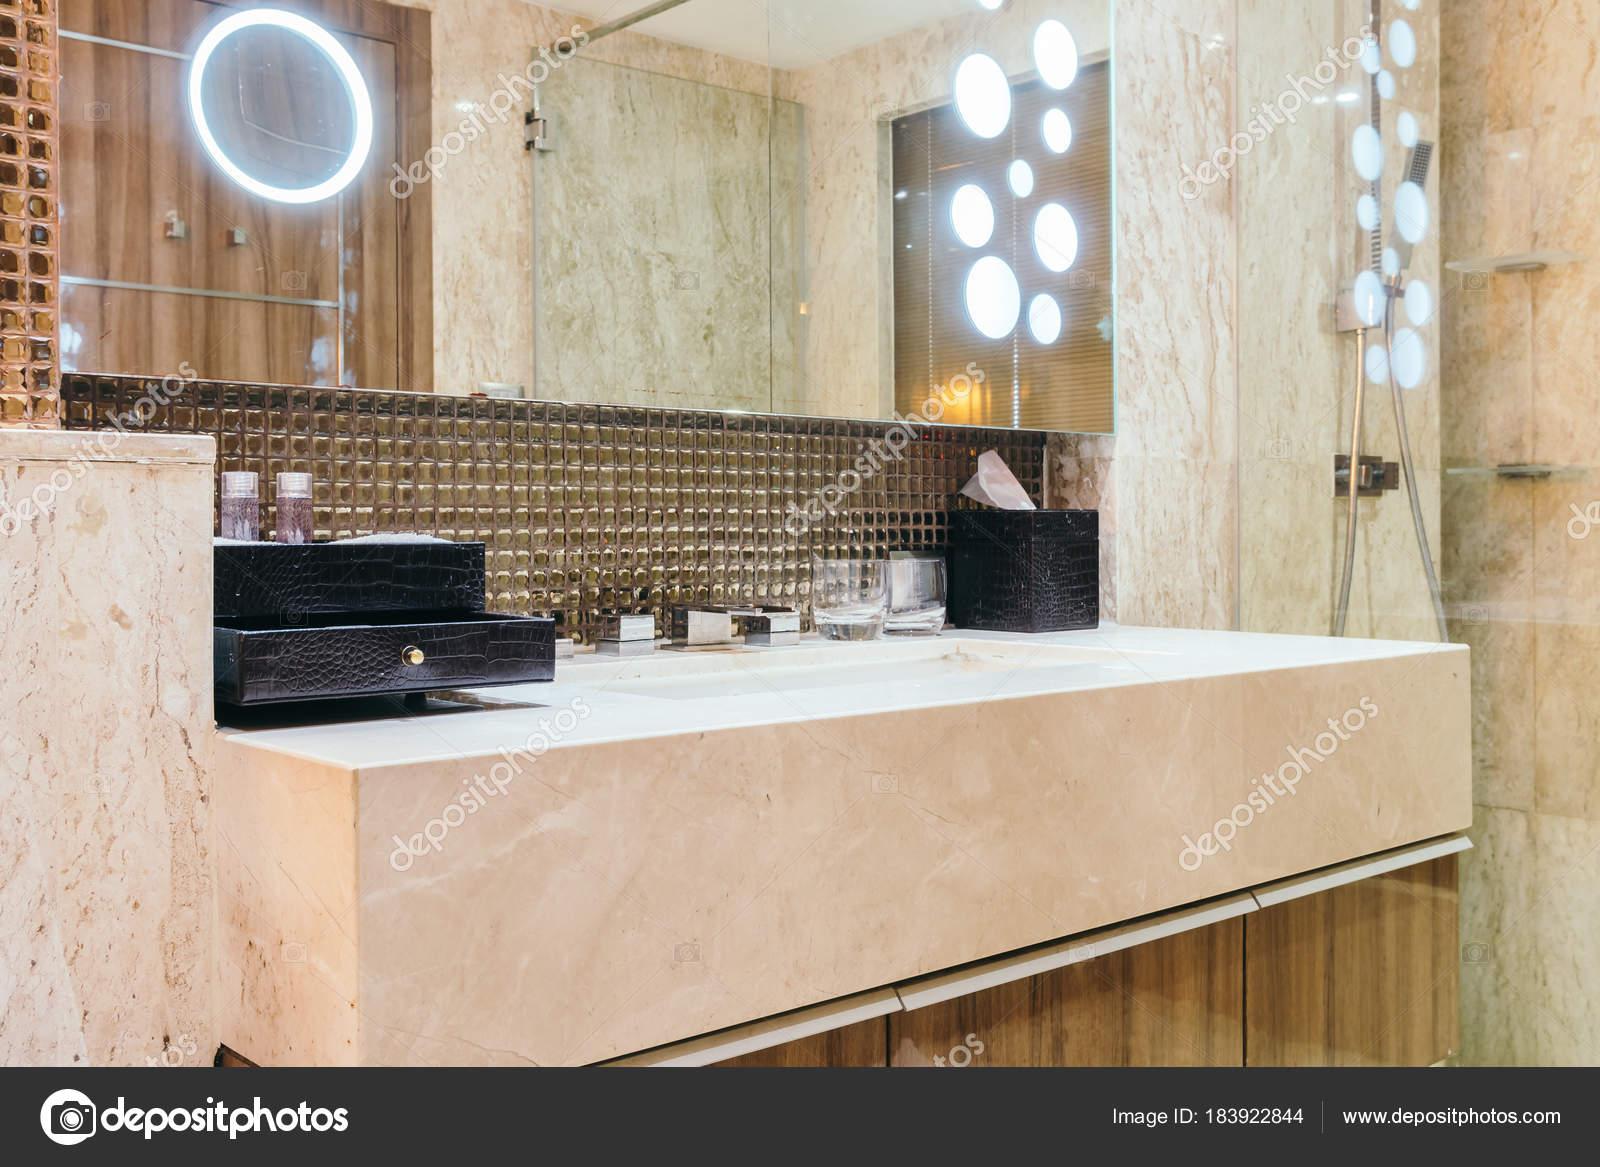 Kraan en wastafel in badkamer decoratie — Stockfoto © mrsiraphol ...